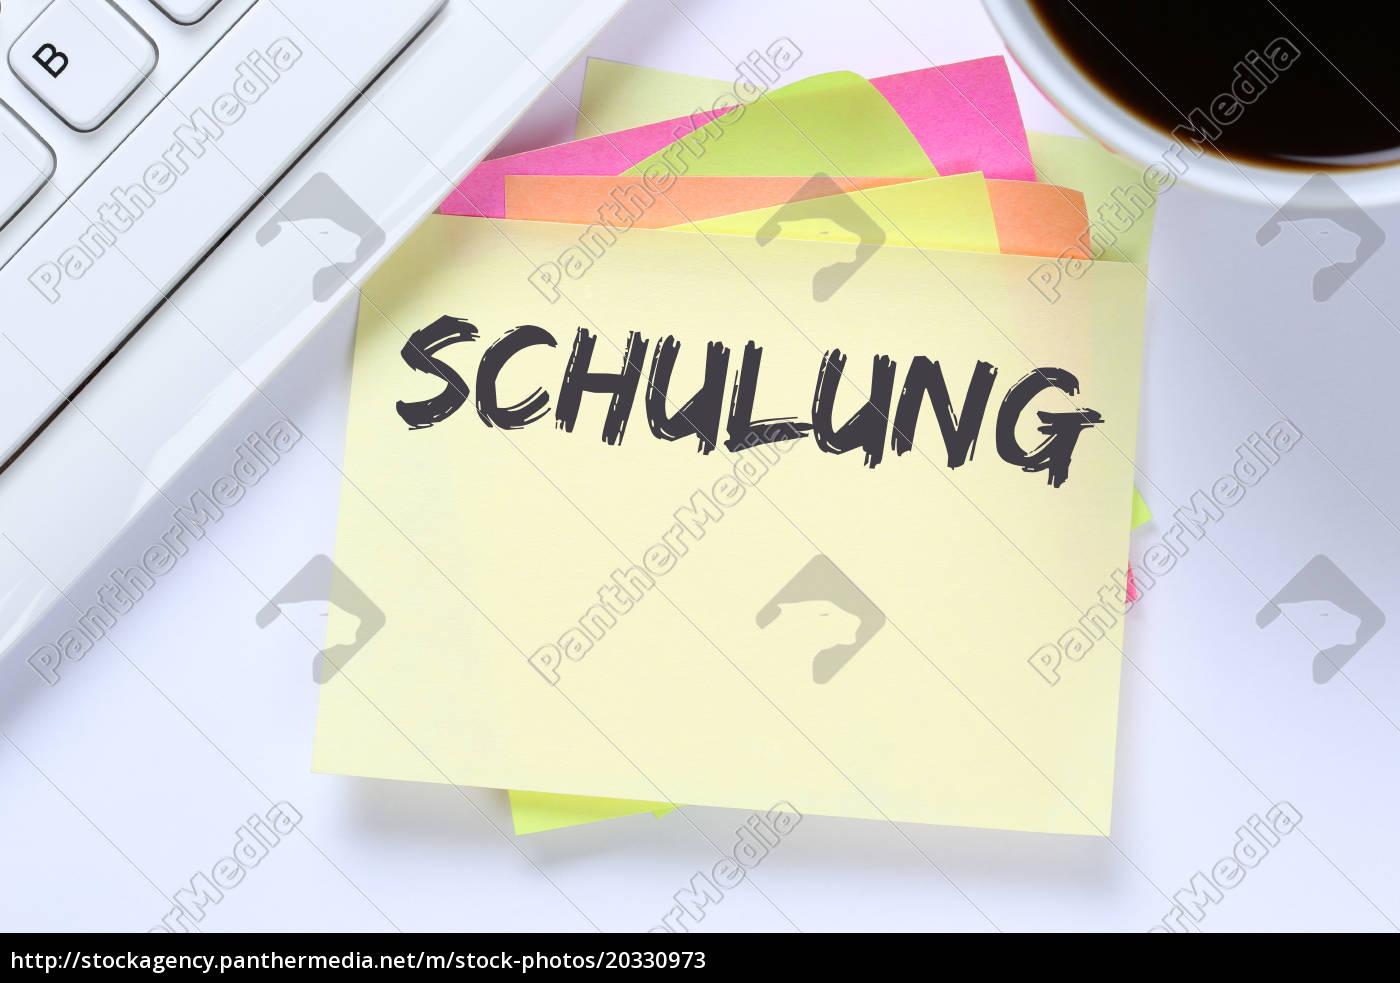 schulung, seminar, lehrgang, kurs, workshop, lernen - 20330973